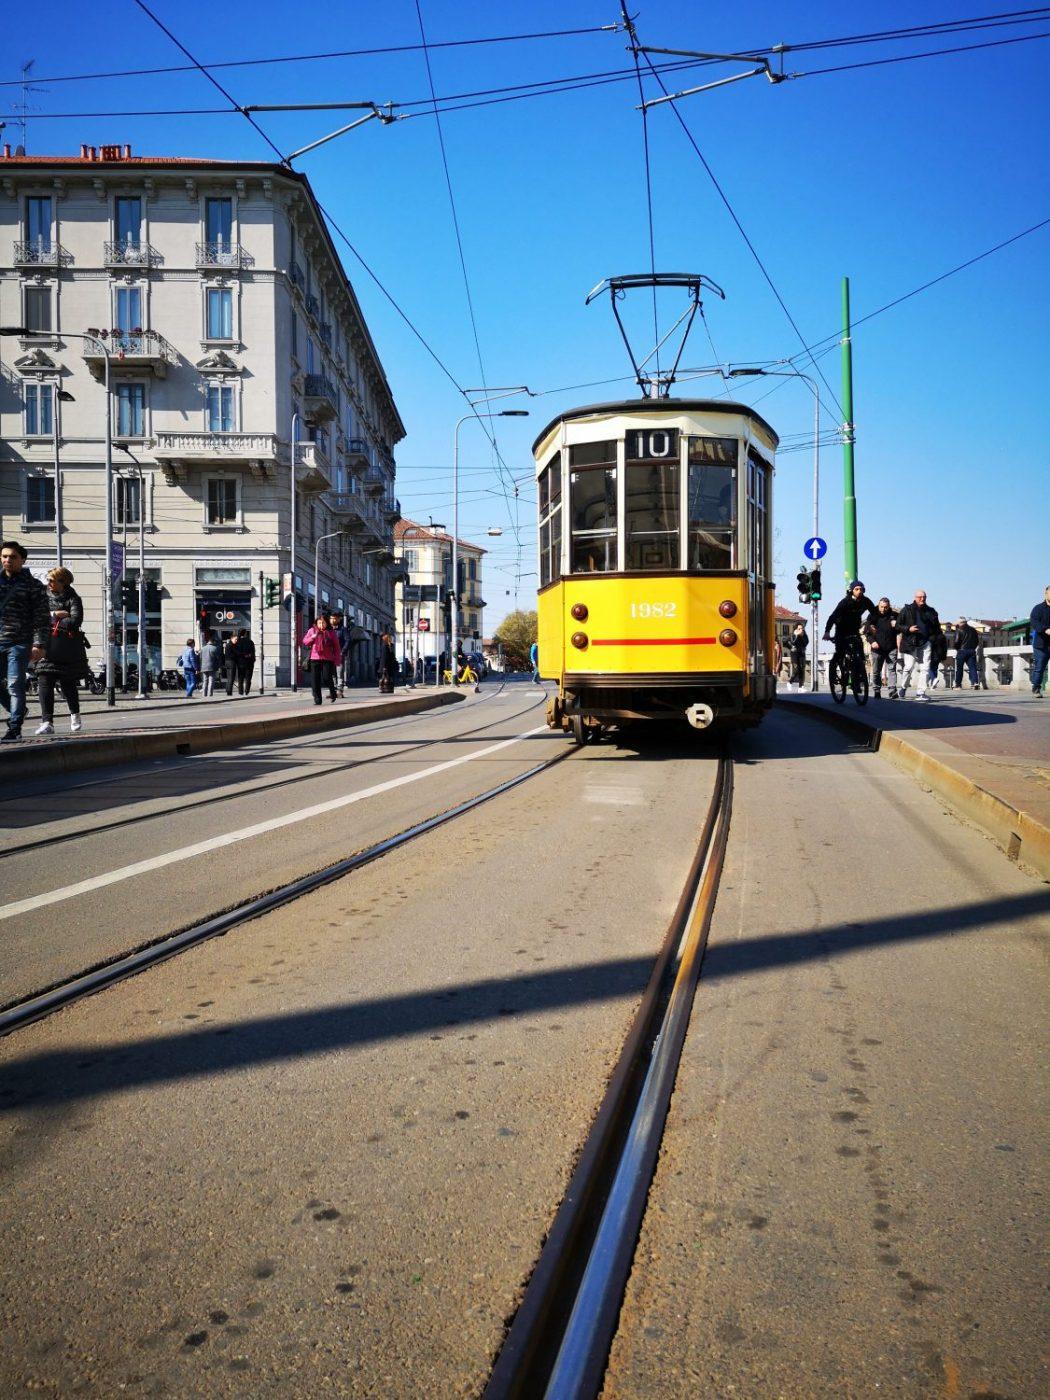 2 Days in Milan: Things to do in Milan in 2 Days